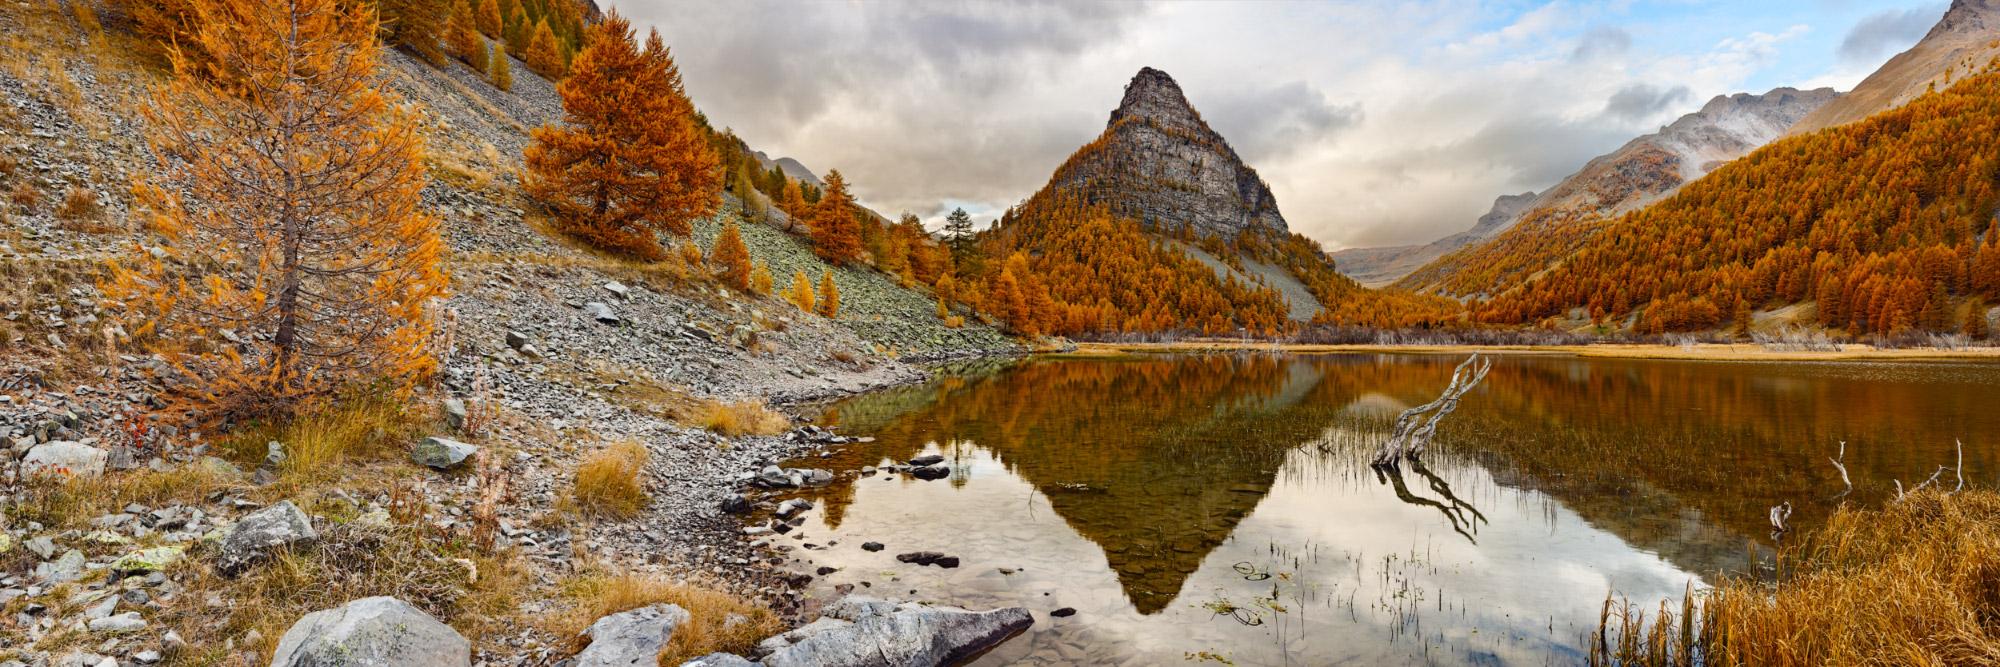 Lac des Sagnes, Jausiers, Mercantour